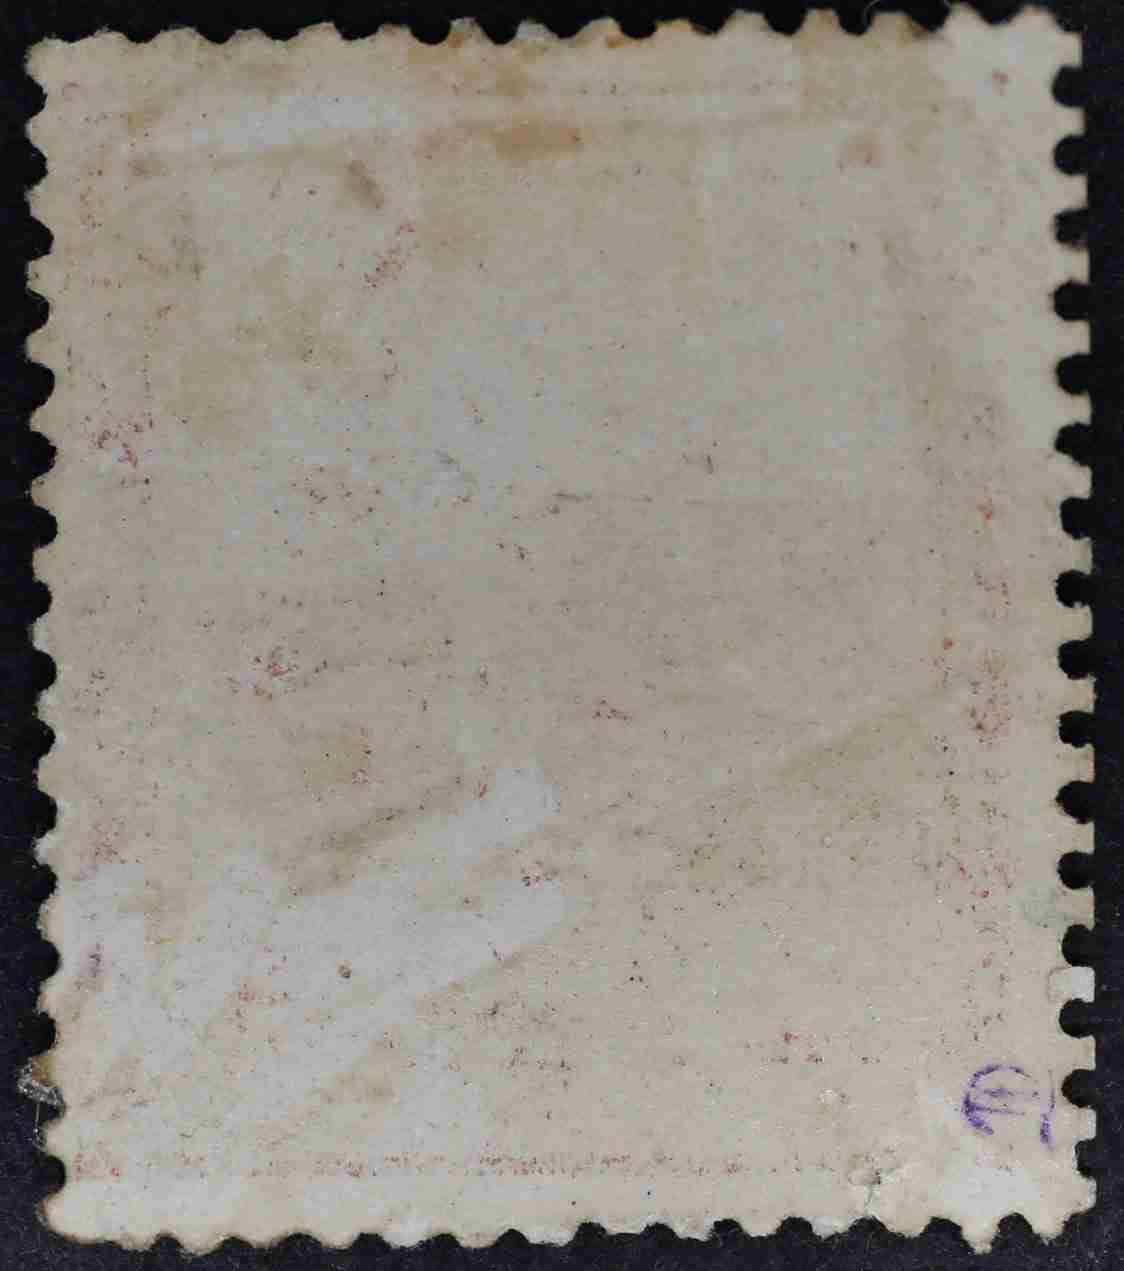 SPAIN 1873 10P brown-purple Figure of Peace MM SG216 Cat. £2500 Sale No. 1991 Lot 219